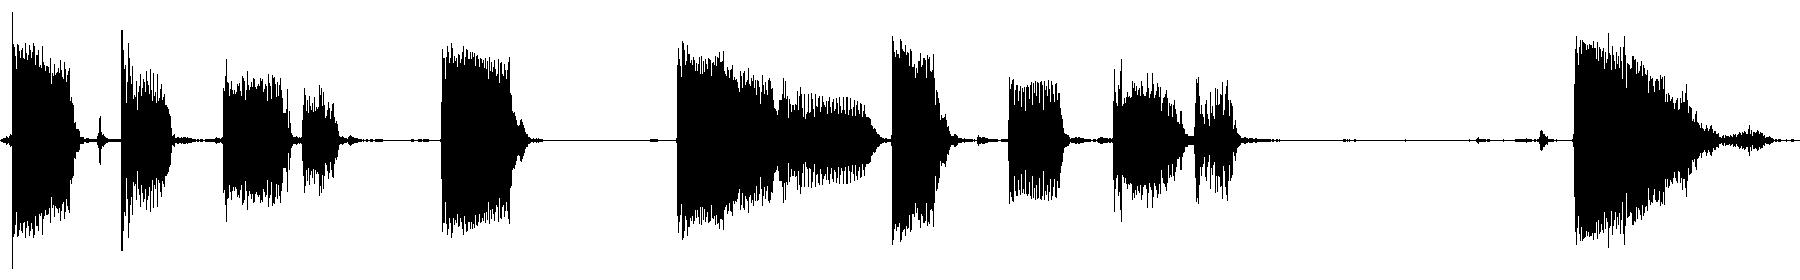 guitarfunk08 80